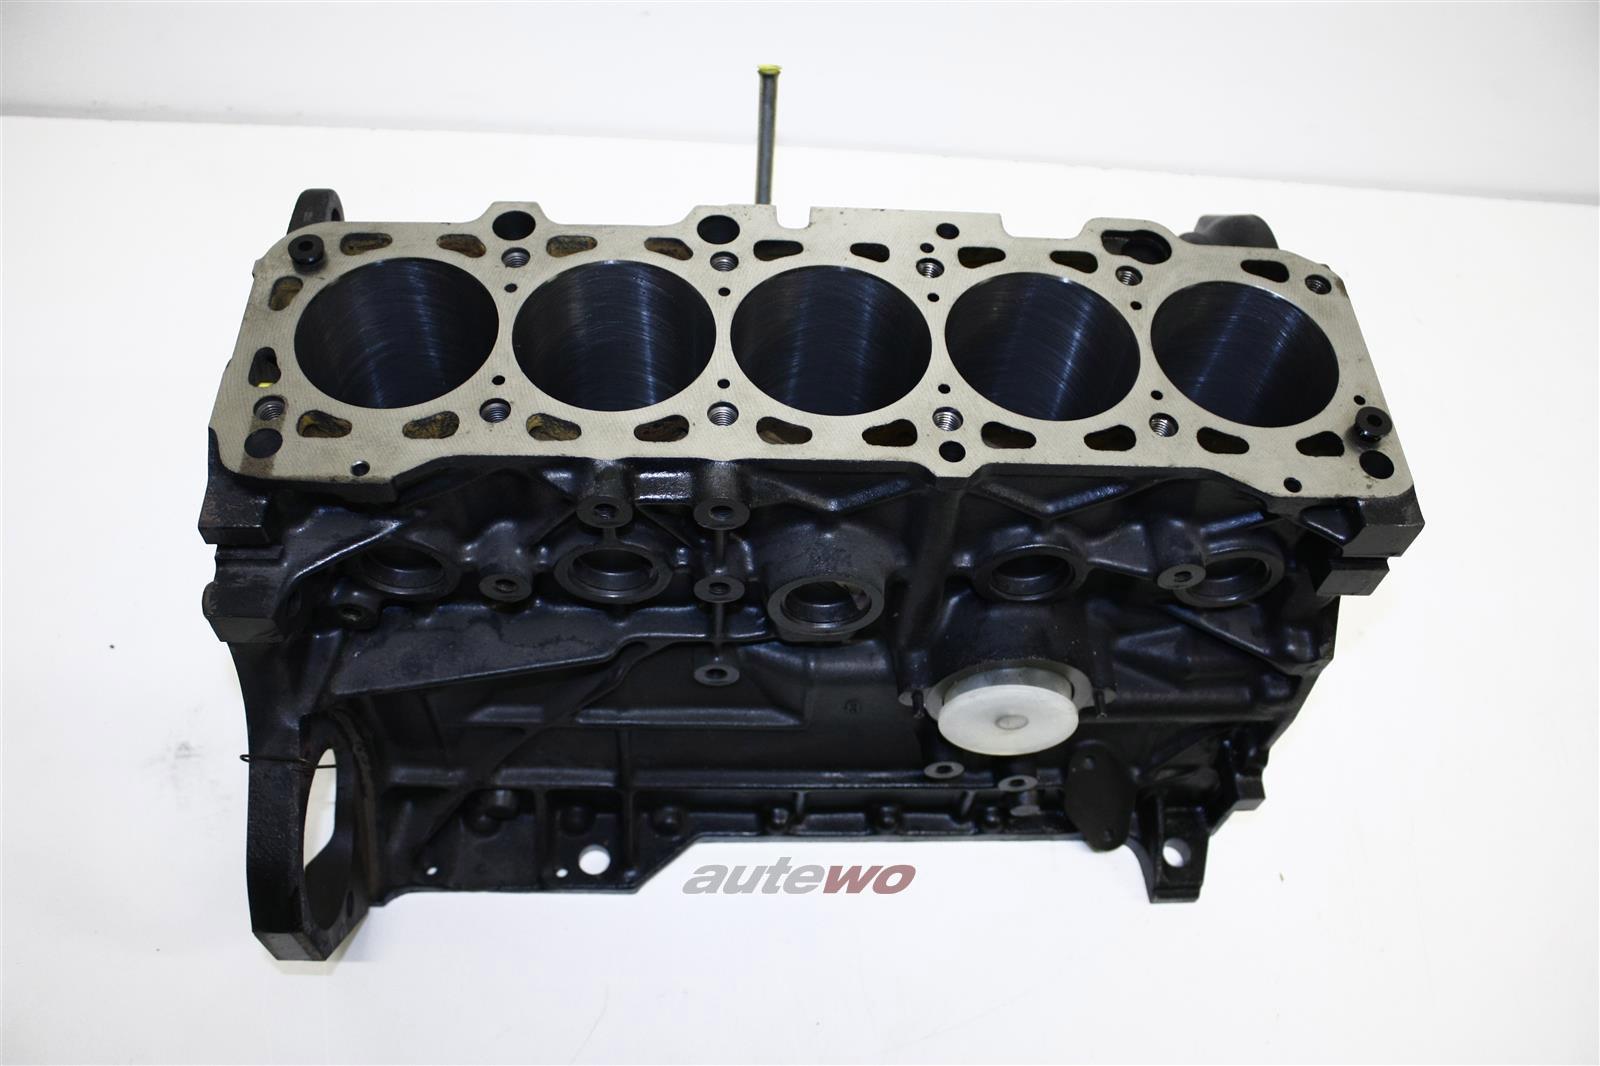 NEU! Audi 90 81/85/100 Typ 44/Passat 2.2l 5 Zyl. original VAG-Motorblock Übermaß 81,5mm 034100104MX